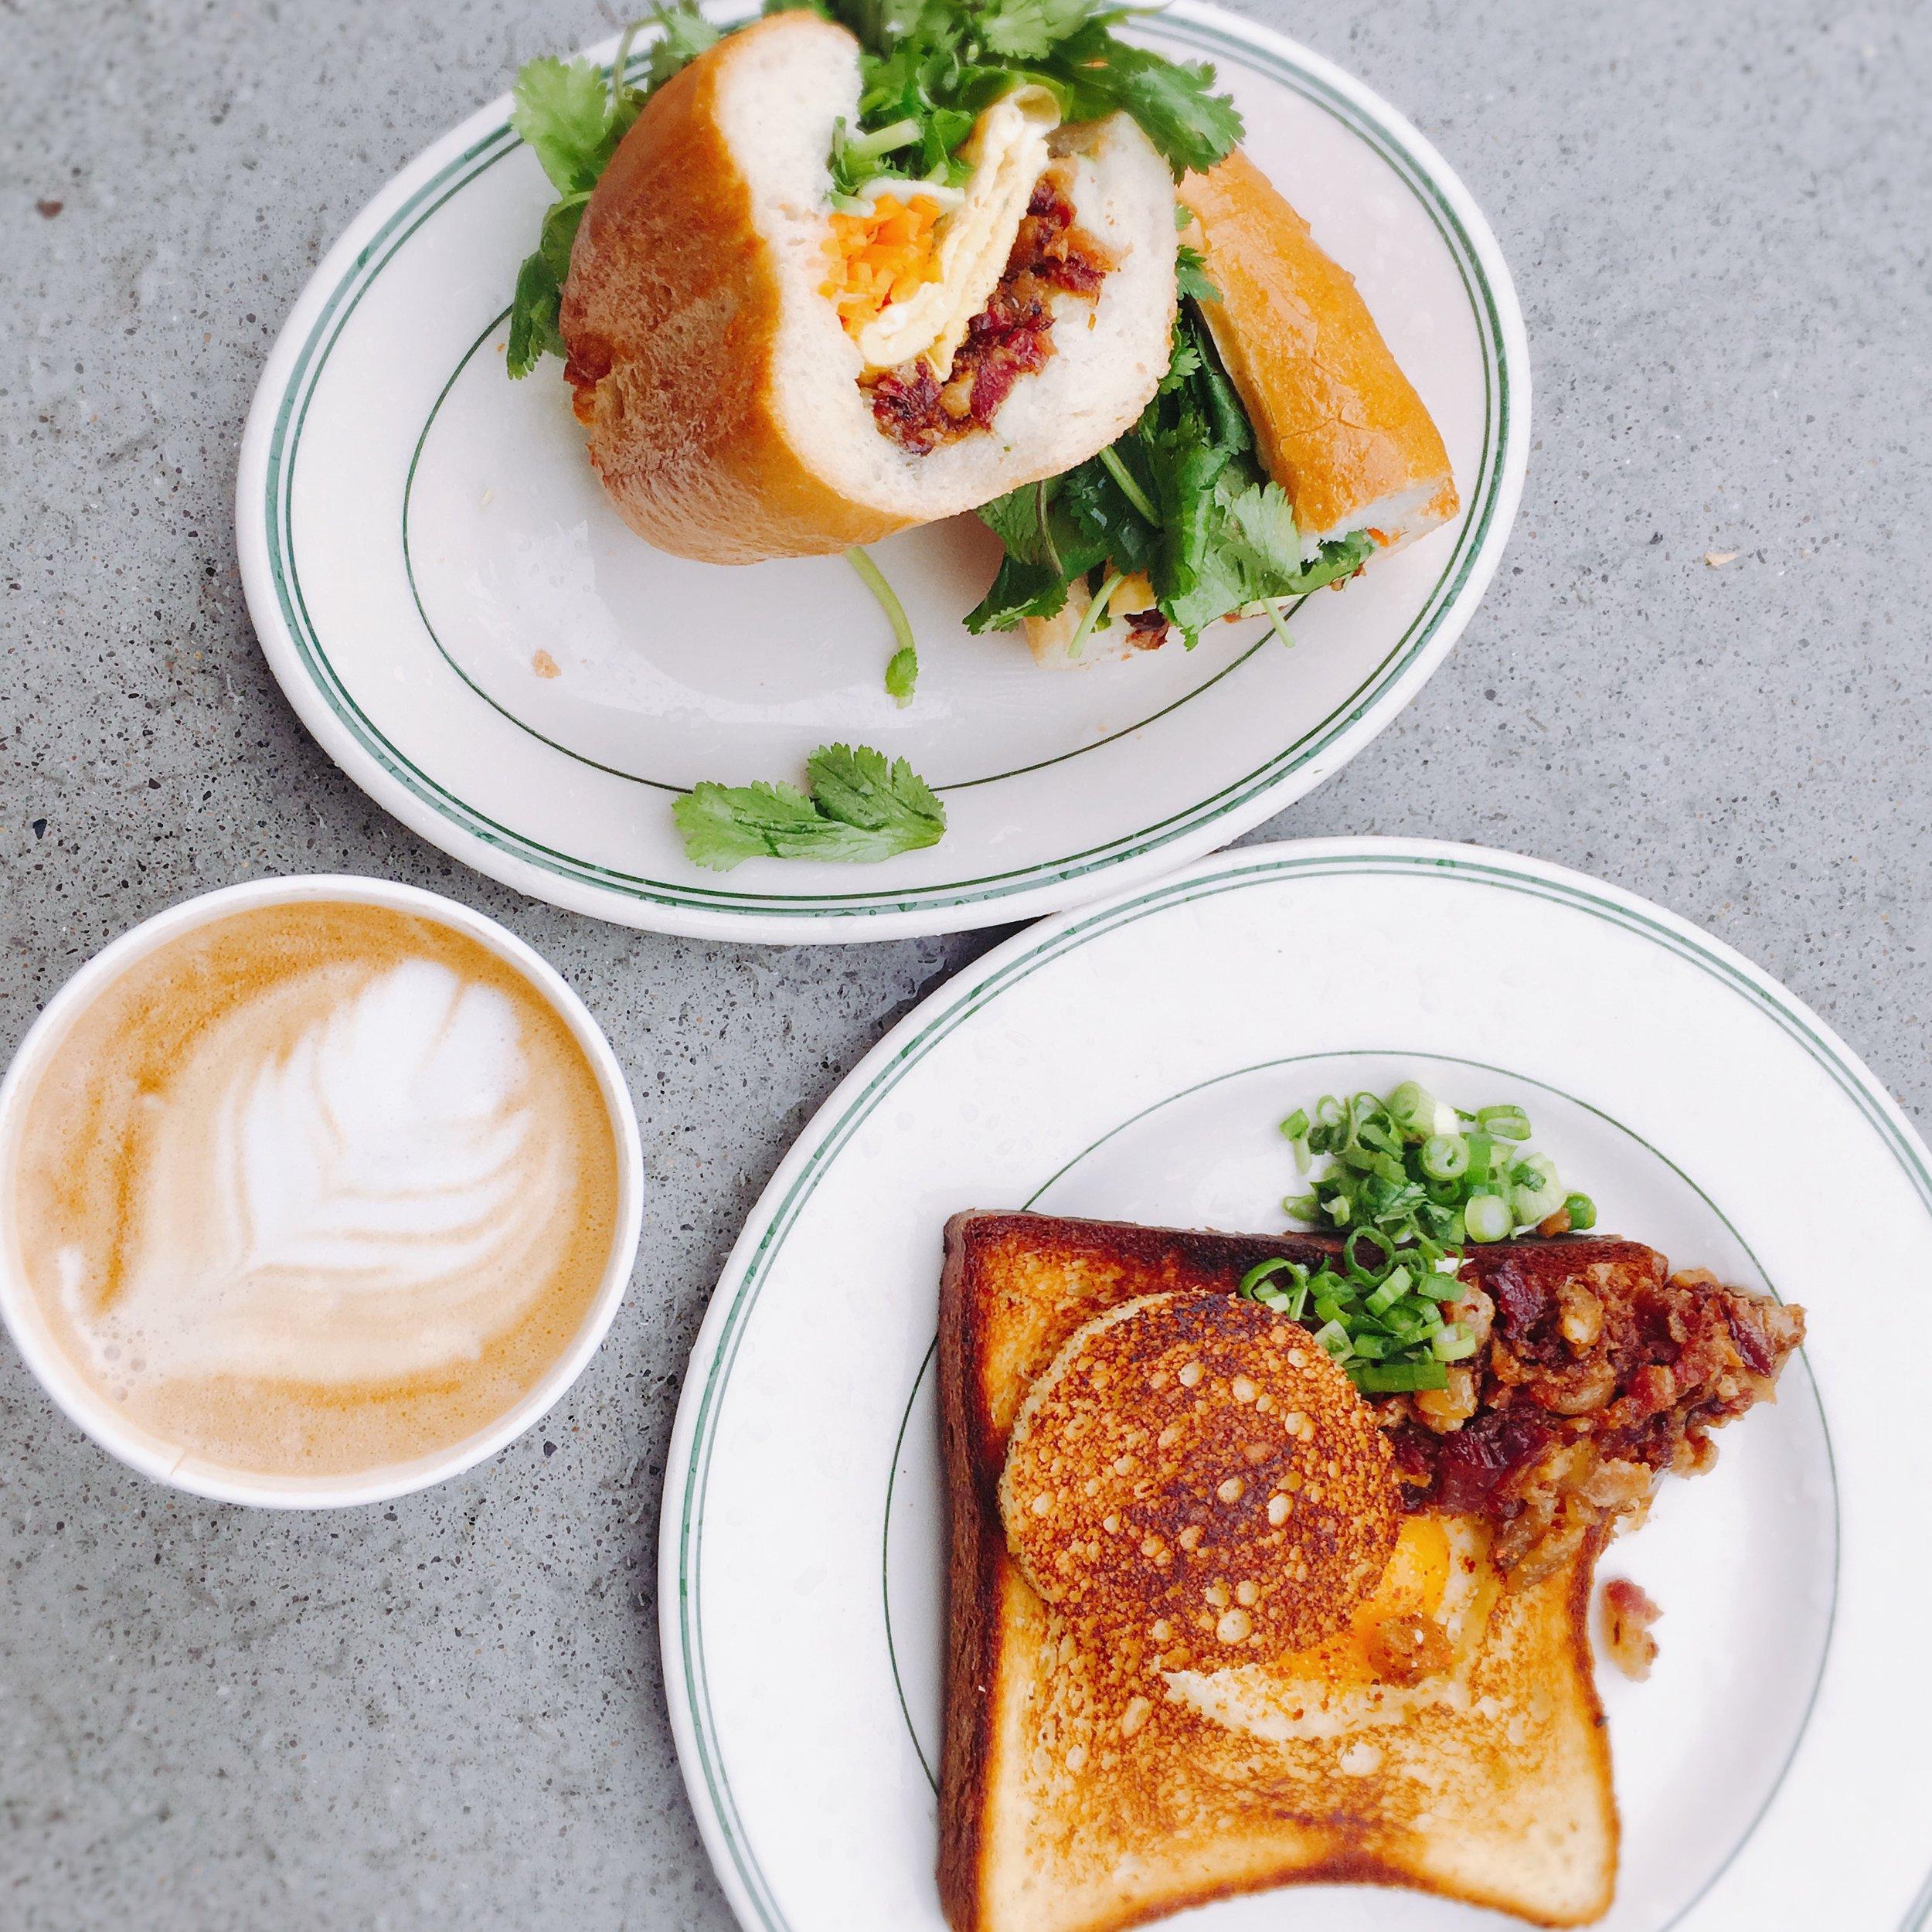 Breakfast + St. Clare latte.